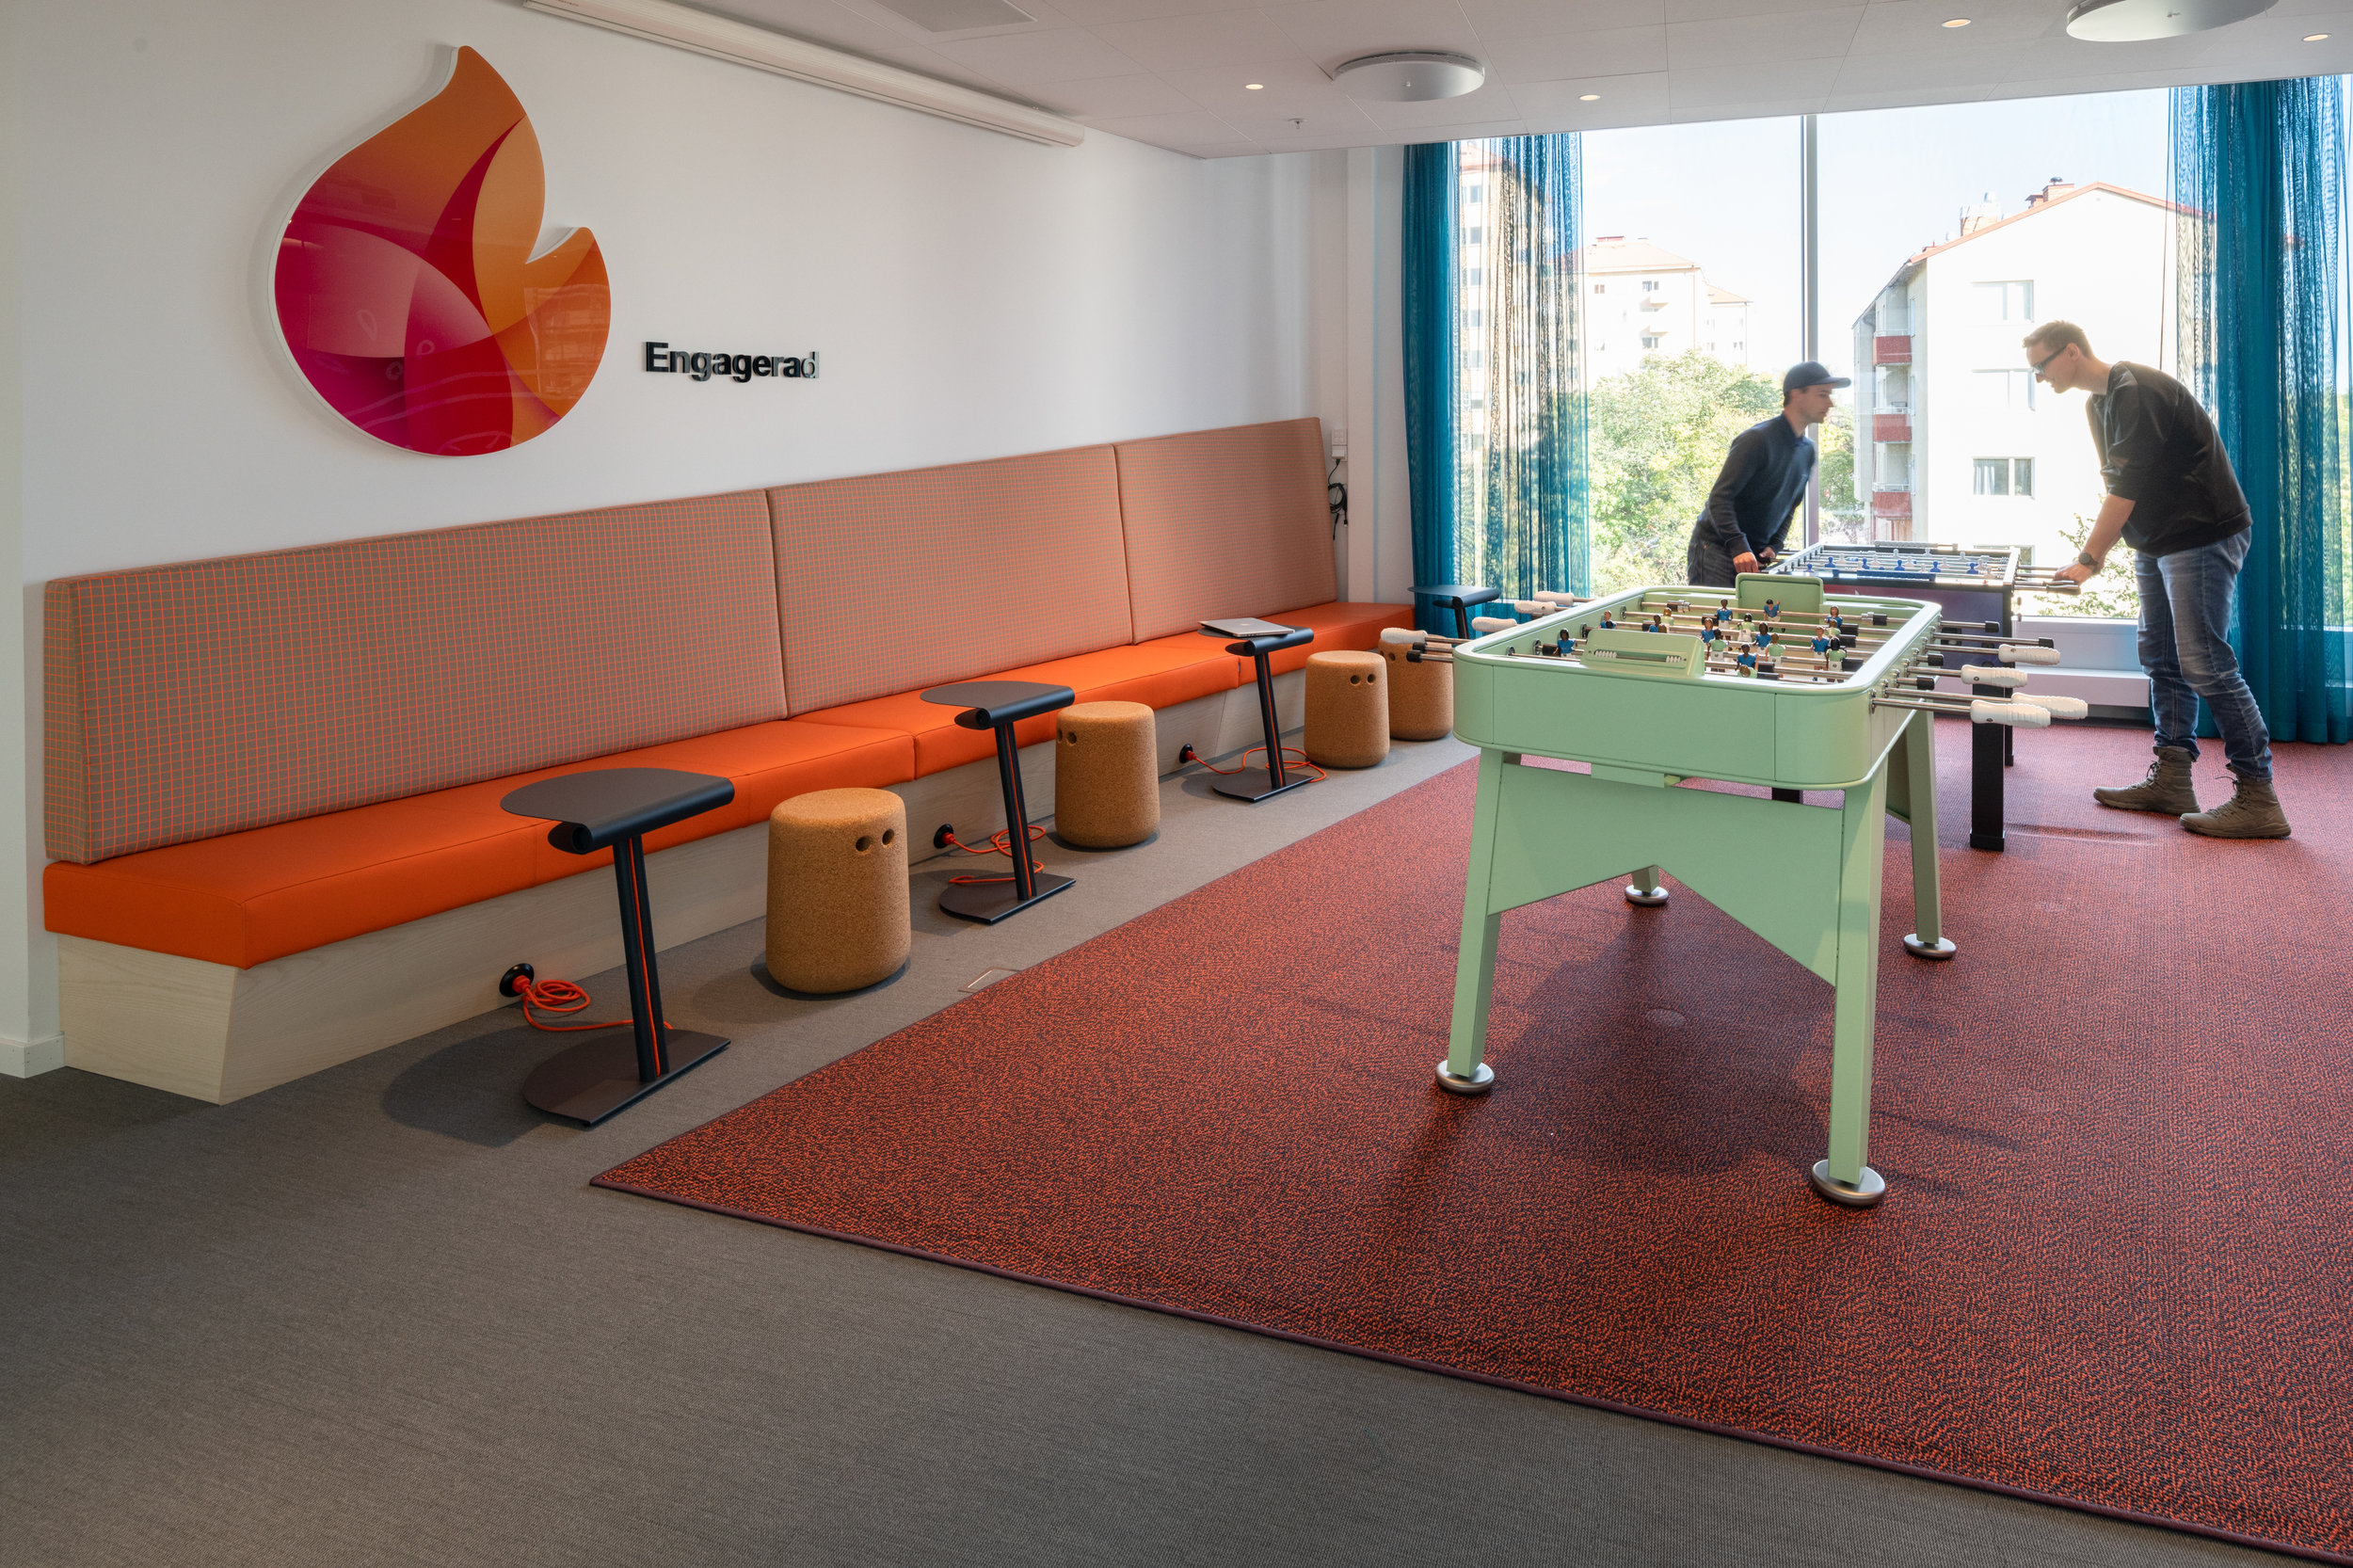 Studio-Stockholm-Lindelöfs-Office-Stockholm-Sweden-offecct-14449.jpg